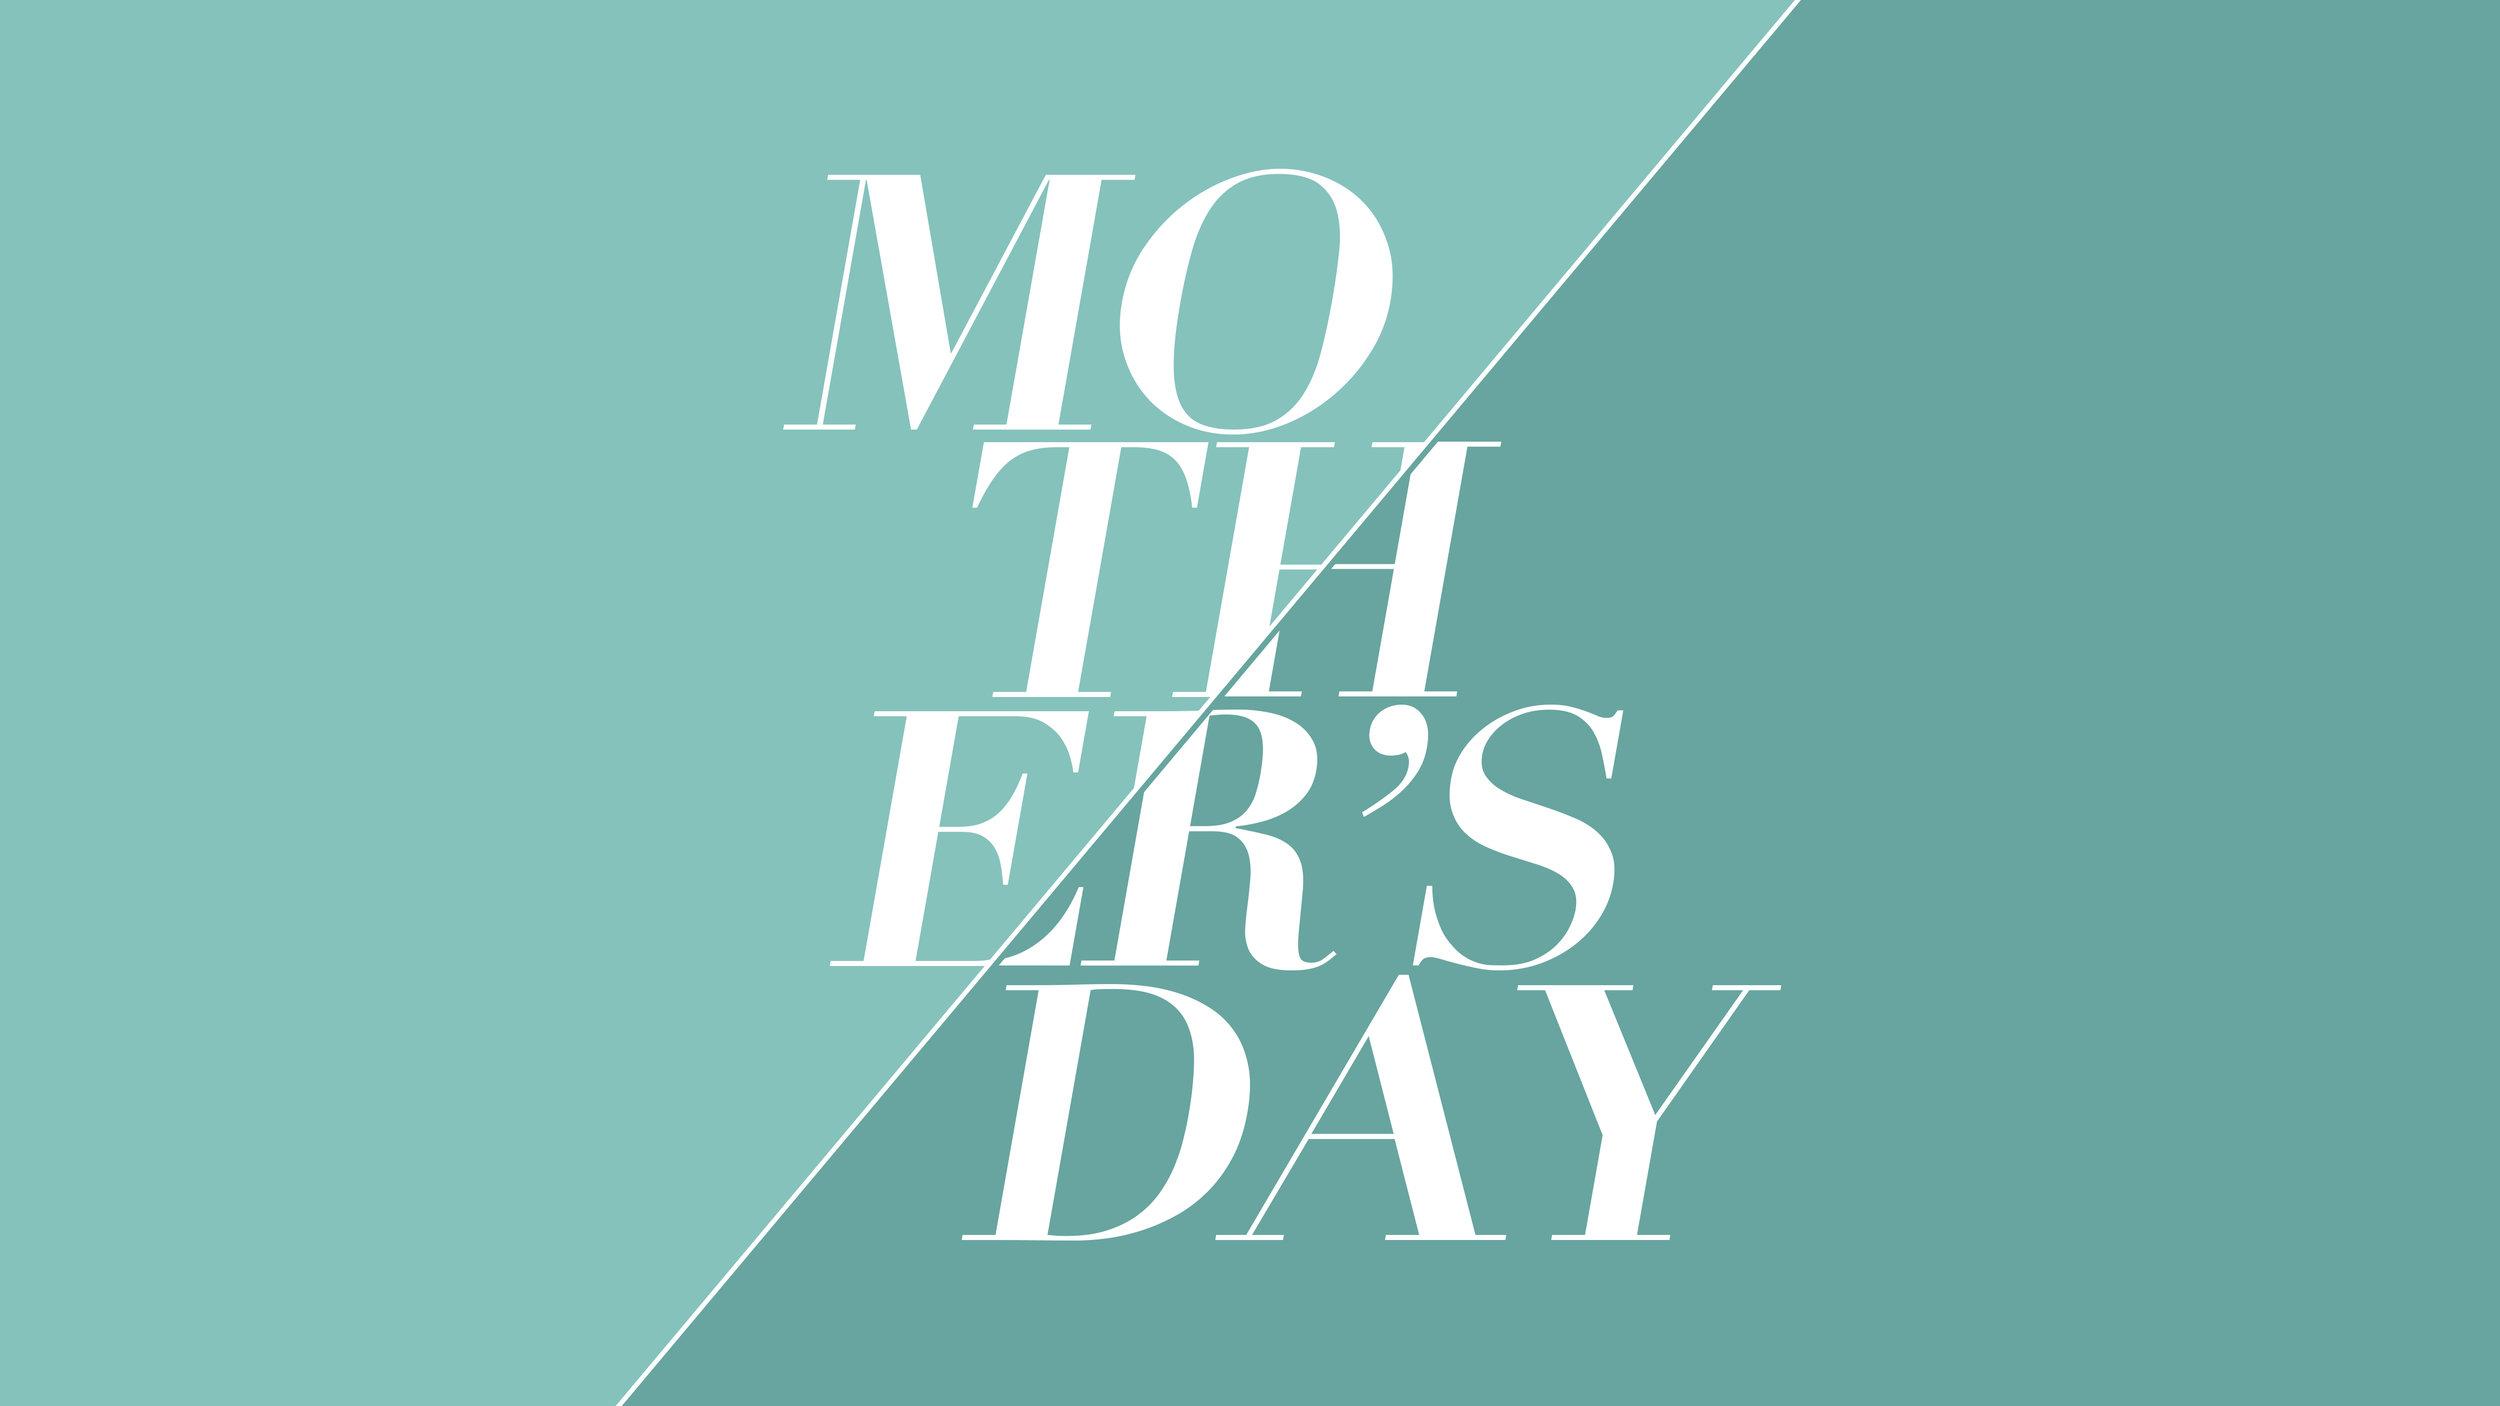 MothersDay_03 - Full.jpg